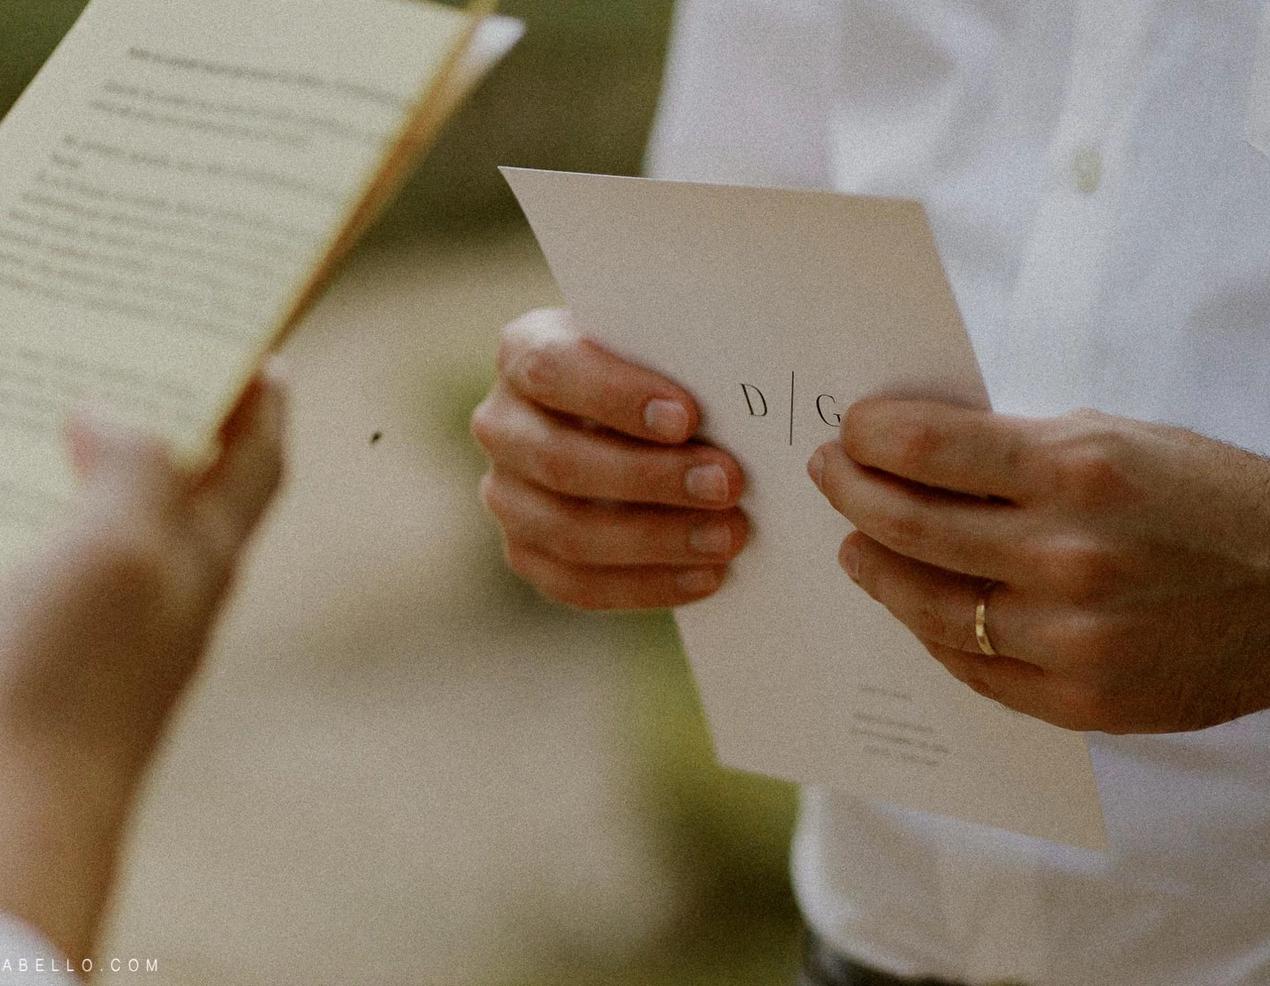 Possibilidades e formatos de um elopement wedding | douxmariage.com.br/blog